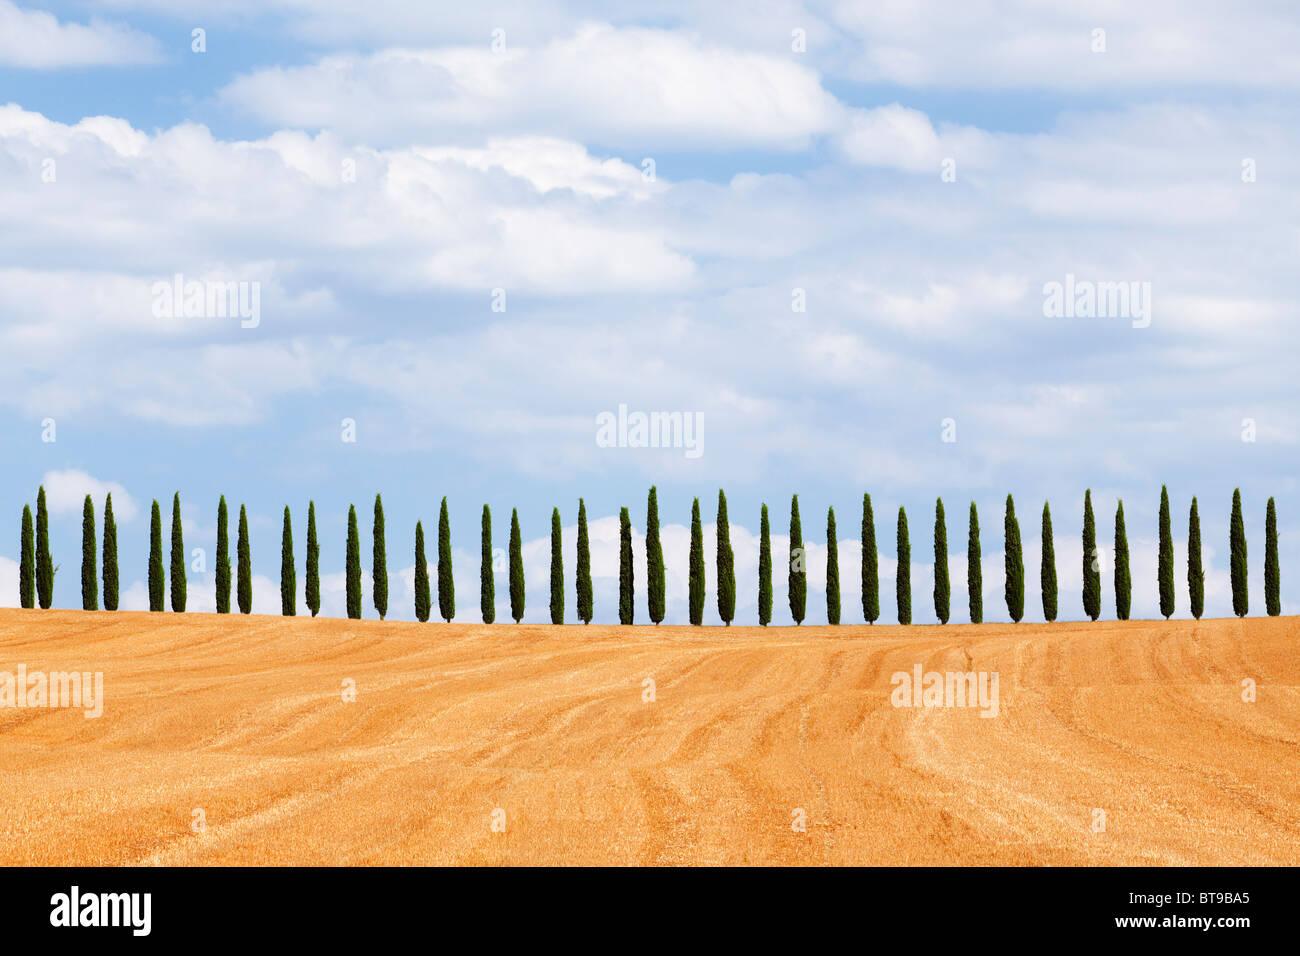 Cyprès sur la colline, Toscane, Italie Photo Stock